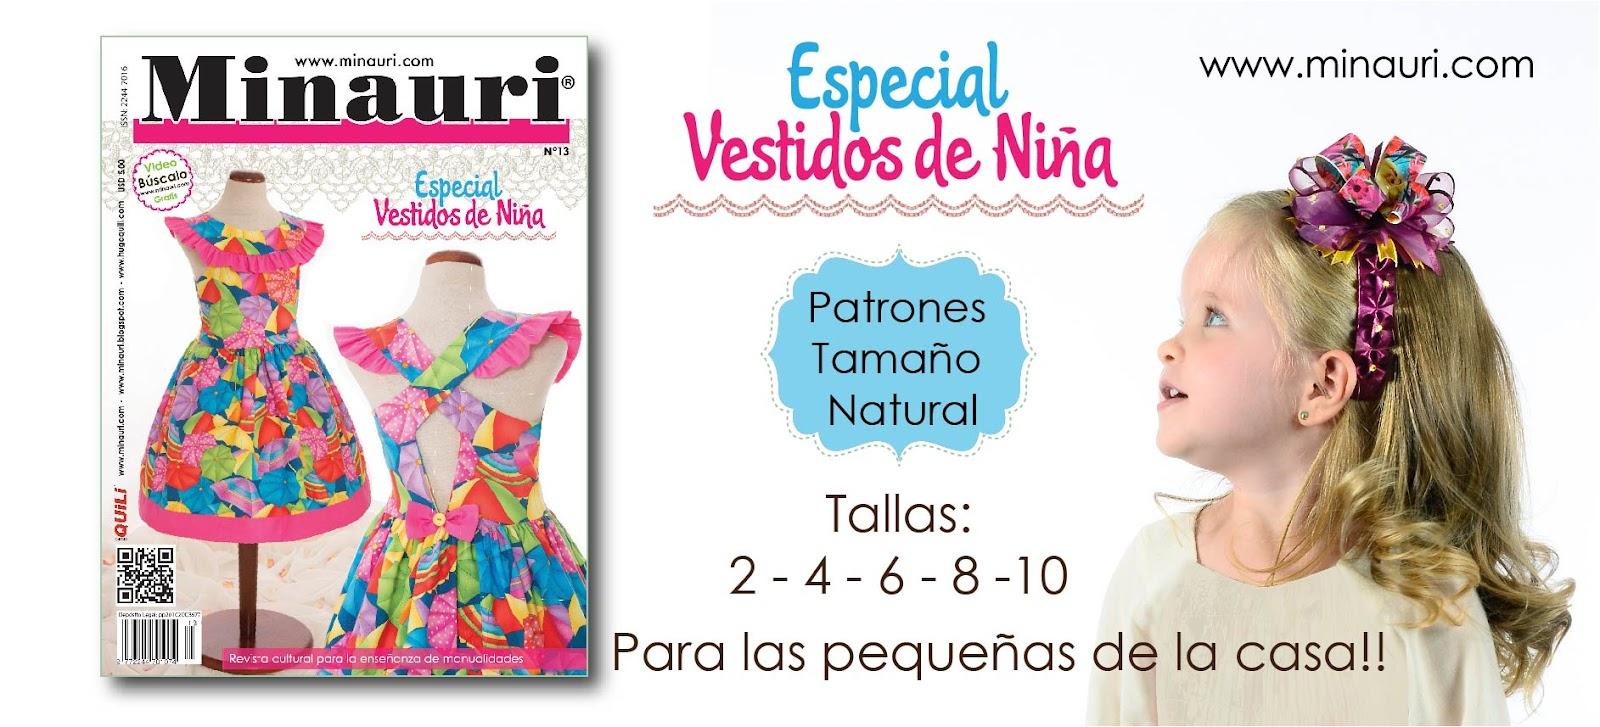 Revista Minauri Vestidos Niñas Nro. 13